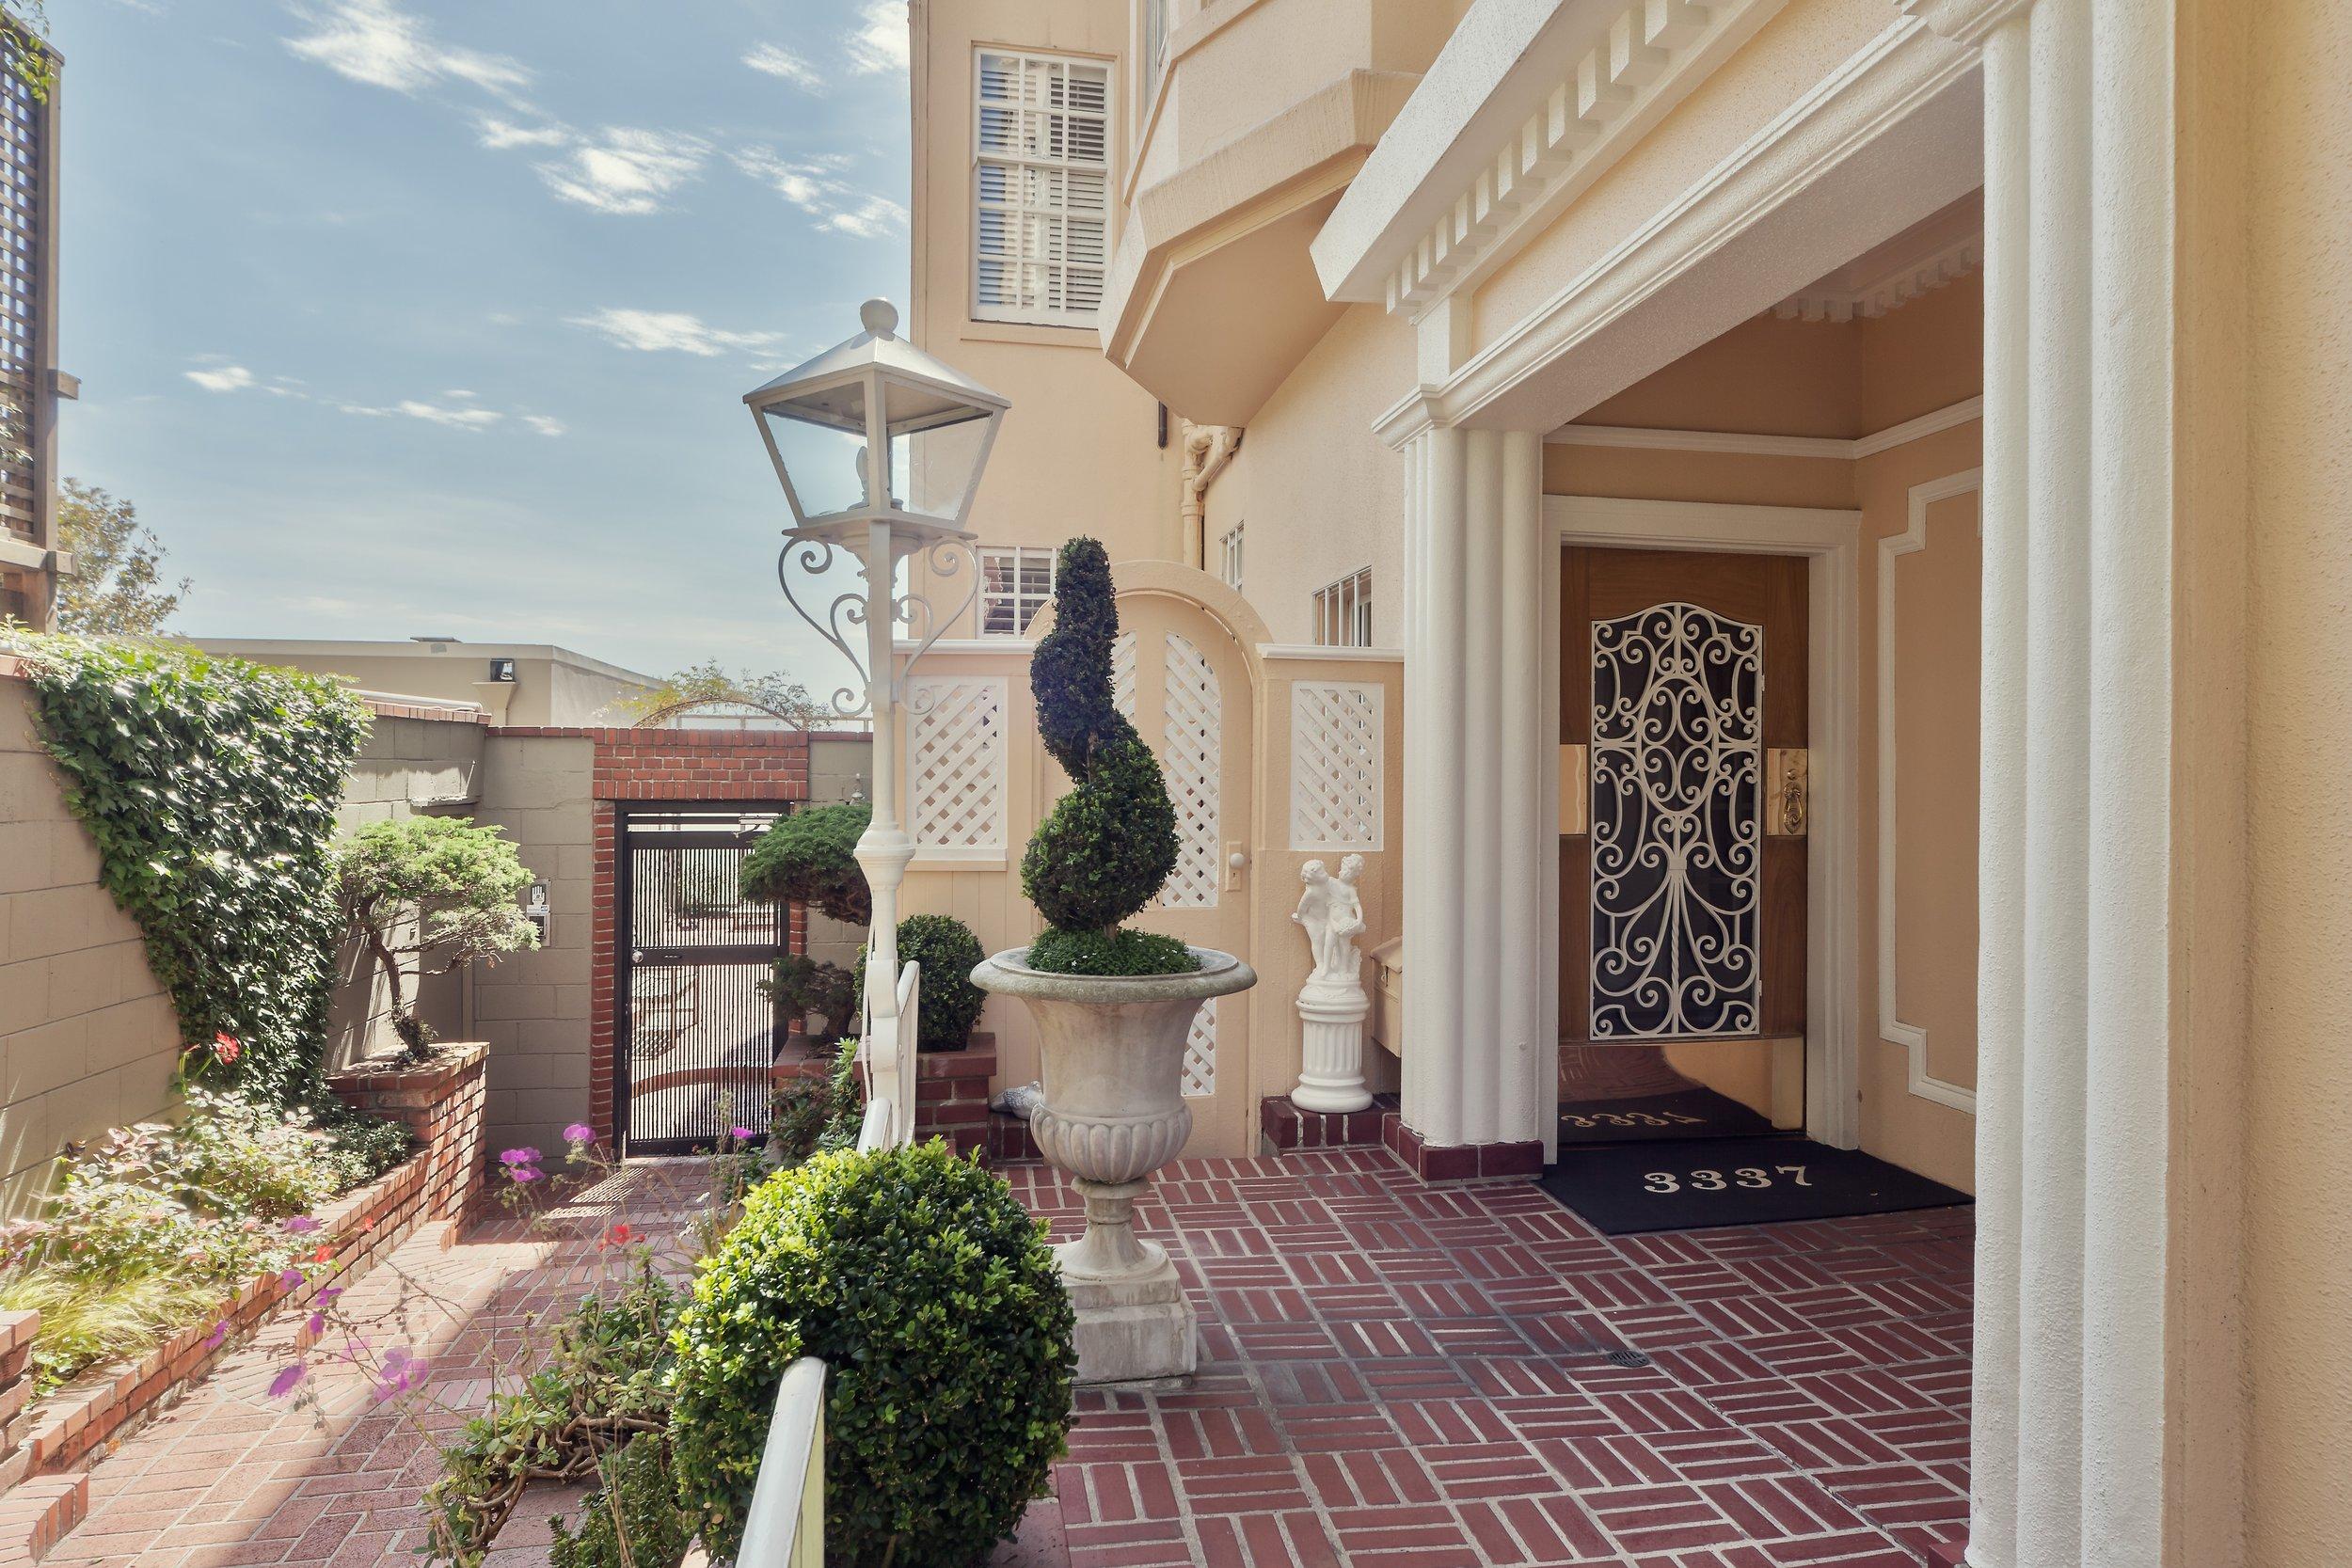 elgant house front door summer.jpeg